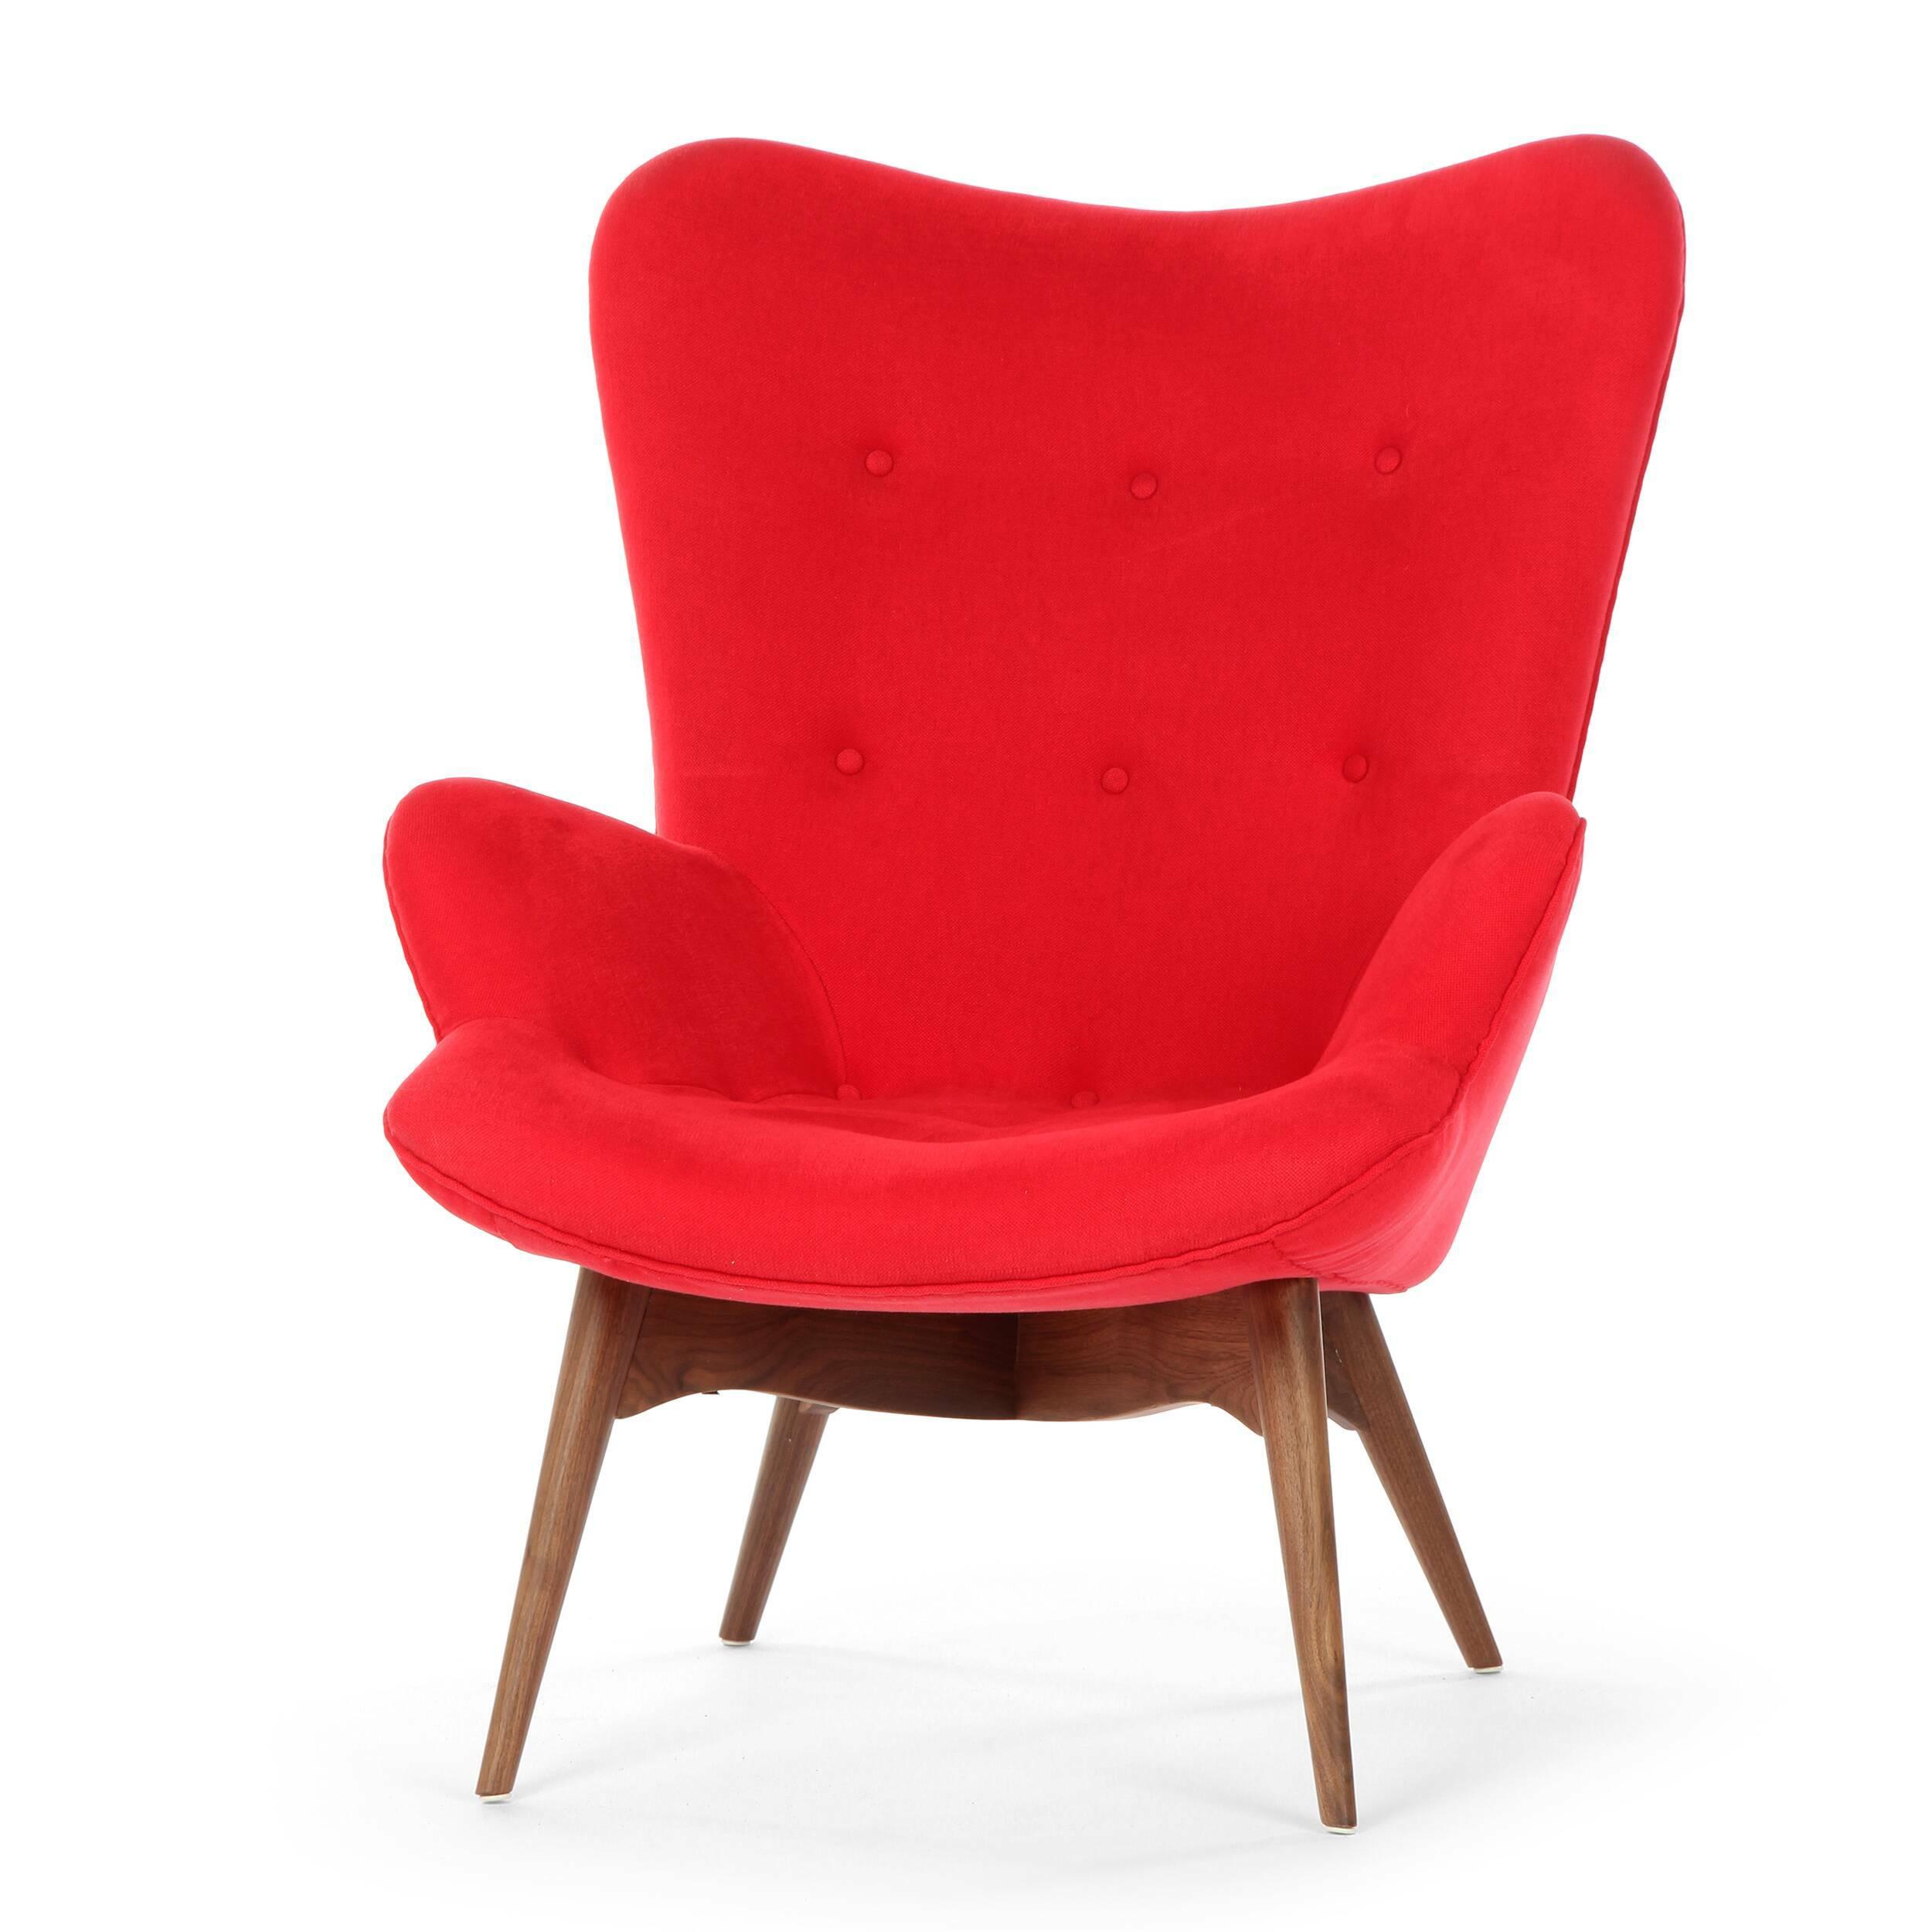 Кресло Contour 2Интерьерные<br>Дизайнерское глубокое кресло Contour 2 (Кантур 2) обивкой из ткани на деревянных ножках от Cosmo (Космо).<br><br><br> Австралийцы любят хороший дизайн во всем, от оформления винных бочонков до серферных досок. Одним из самых ярких дизайнеров стал художник Грант Фезерстон, который начал заниматься дизайном в сороковых годах прошлого столетия и с тех пор стал иконой стиля во всем мире.<br><br><br> Идеальное как для прихожей, так и для гостиной, оригинальное кресло Contour знаменует собой значительный о...<br><br>stock: 2<br>Высота: 91<br>Высота сиденья: 37<br>Ширина: 73,5<br>Глубина: 83<br>Цвет ножек: Орех американский<br>Материал ножек: Массив ореха<br>Материал обивки: Хлопок, Лен<br>Коллекция ткани: Ray Fabric<br>Тип материала обивки: Ткань<br>Тип материала ножек: Дерево<br>Цвет обивки: Красный